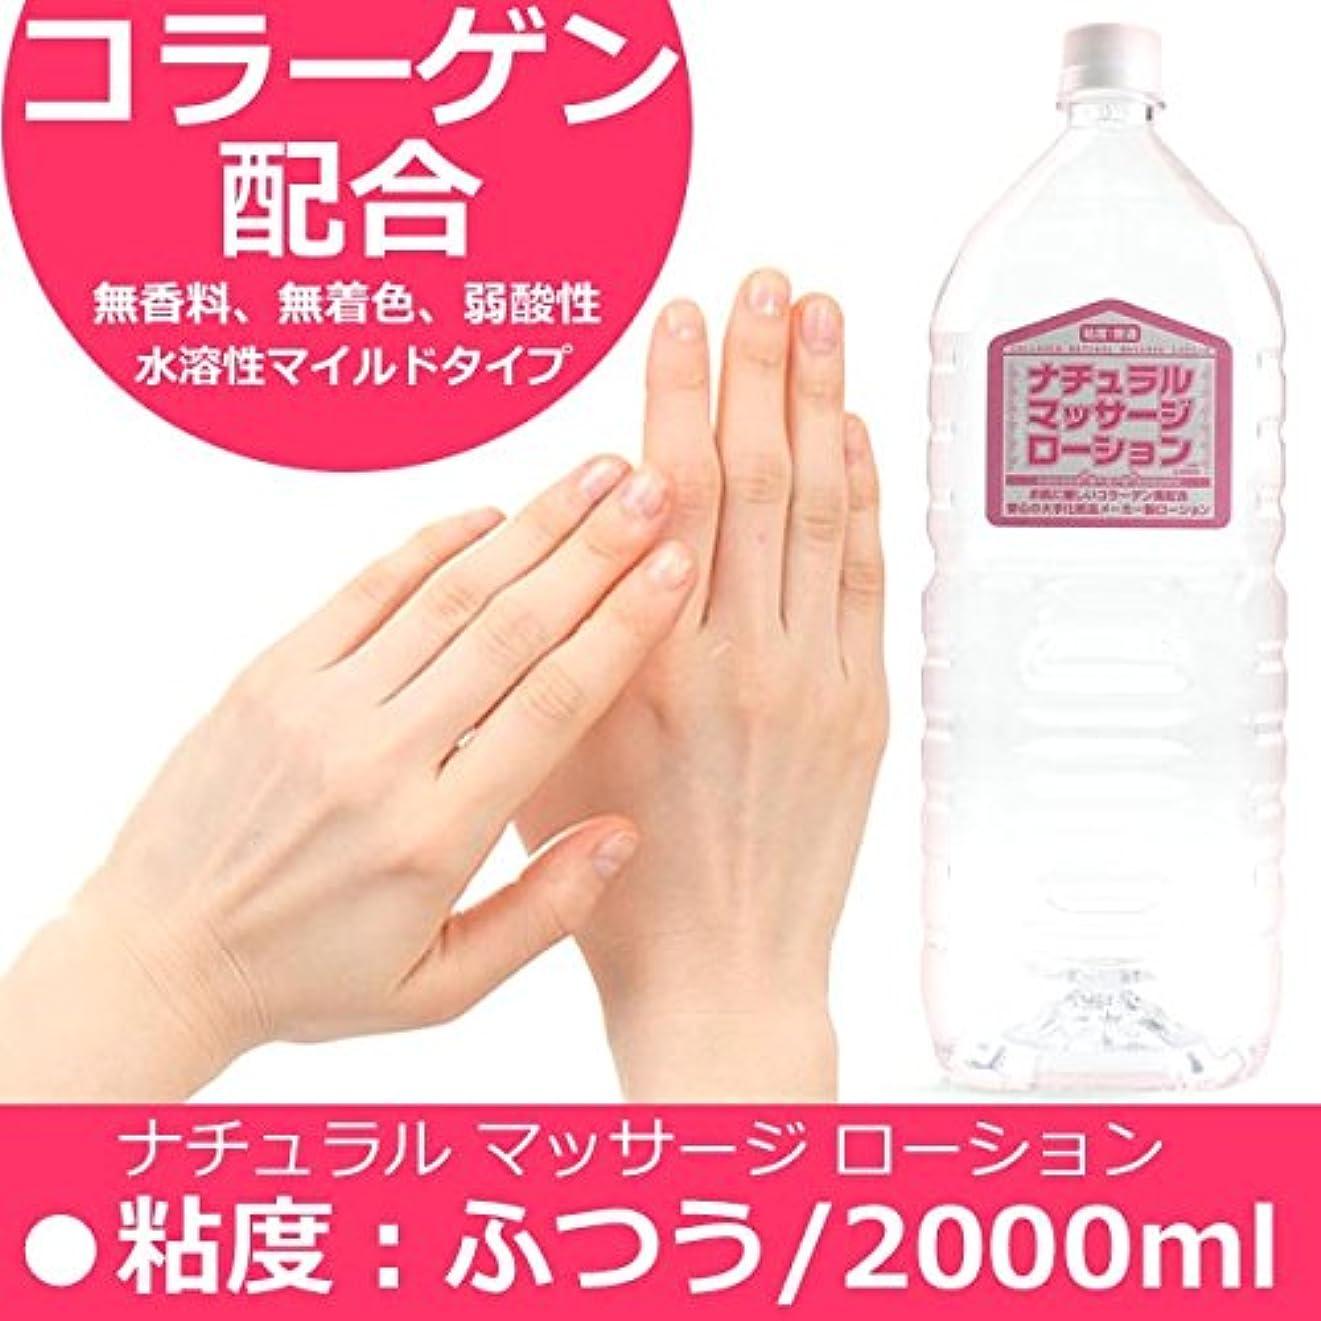 モディッシュバラエティ困惑ナチュラルマッサージ ローション 2000m 業務用の詰替えにも!!